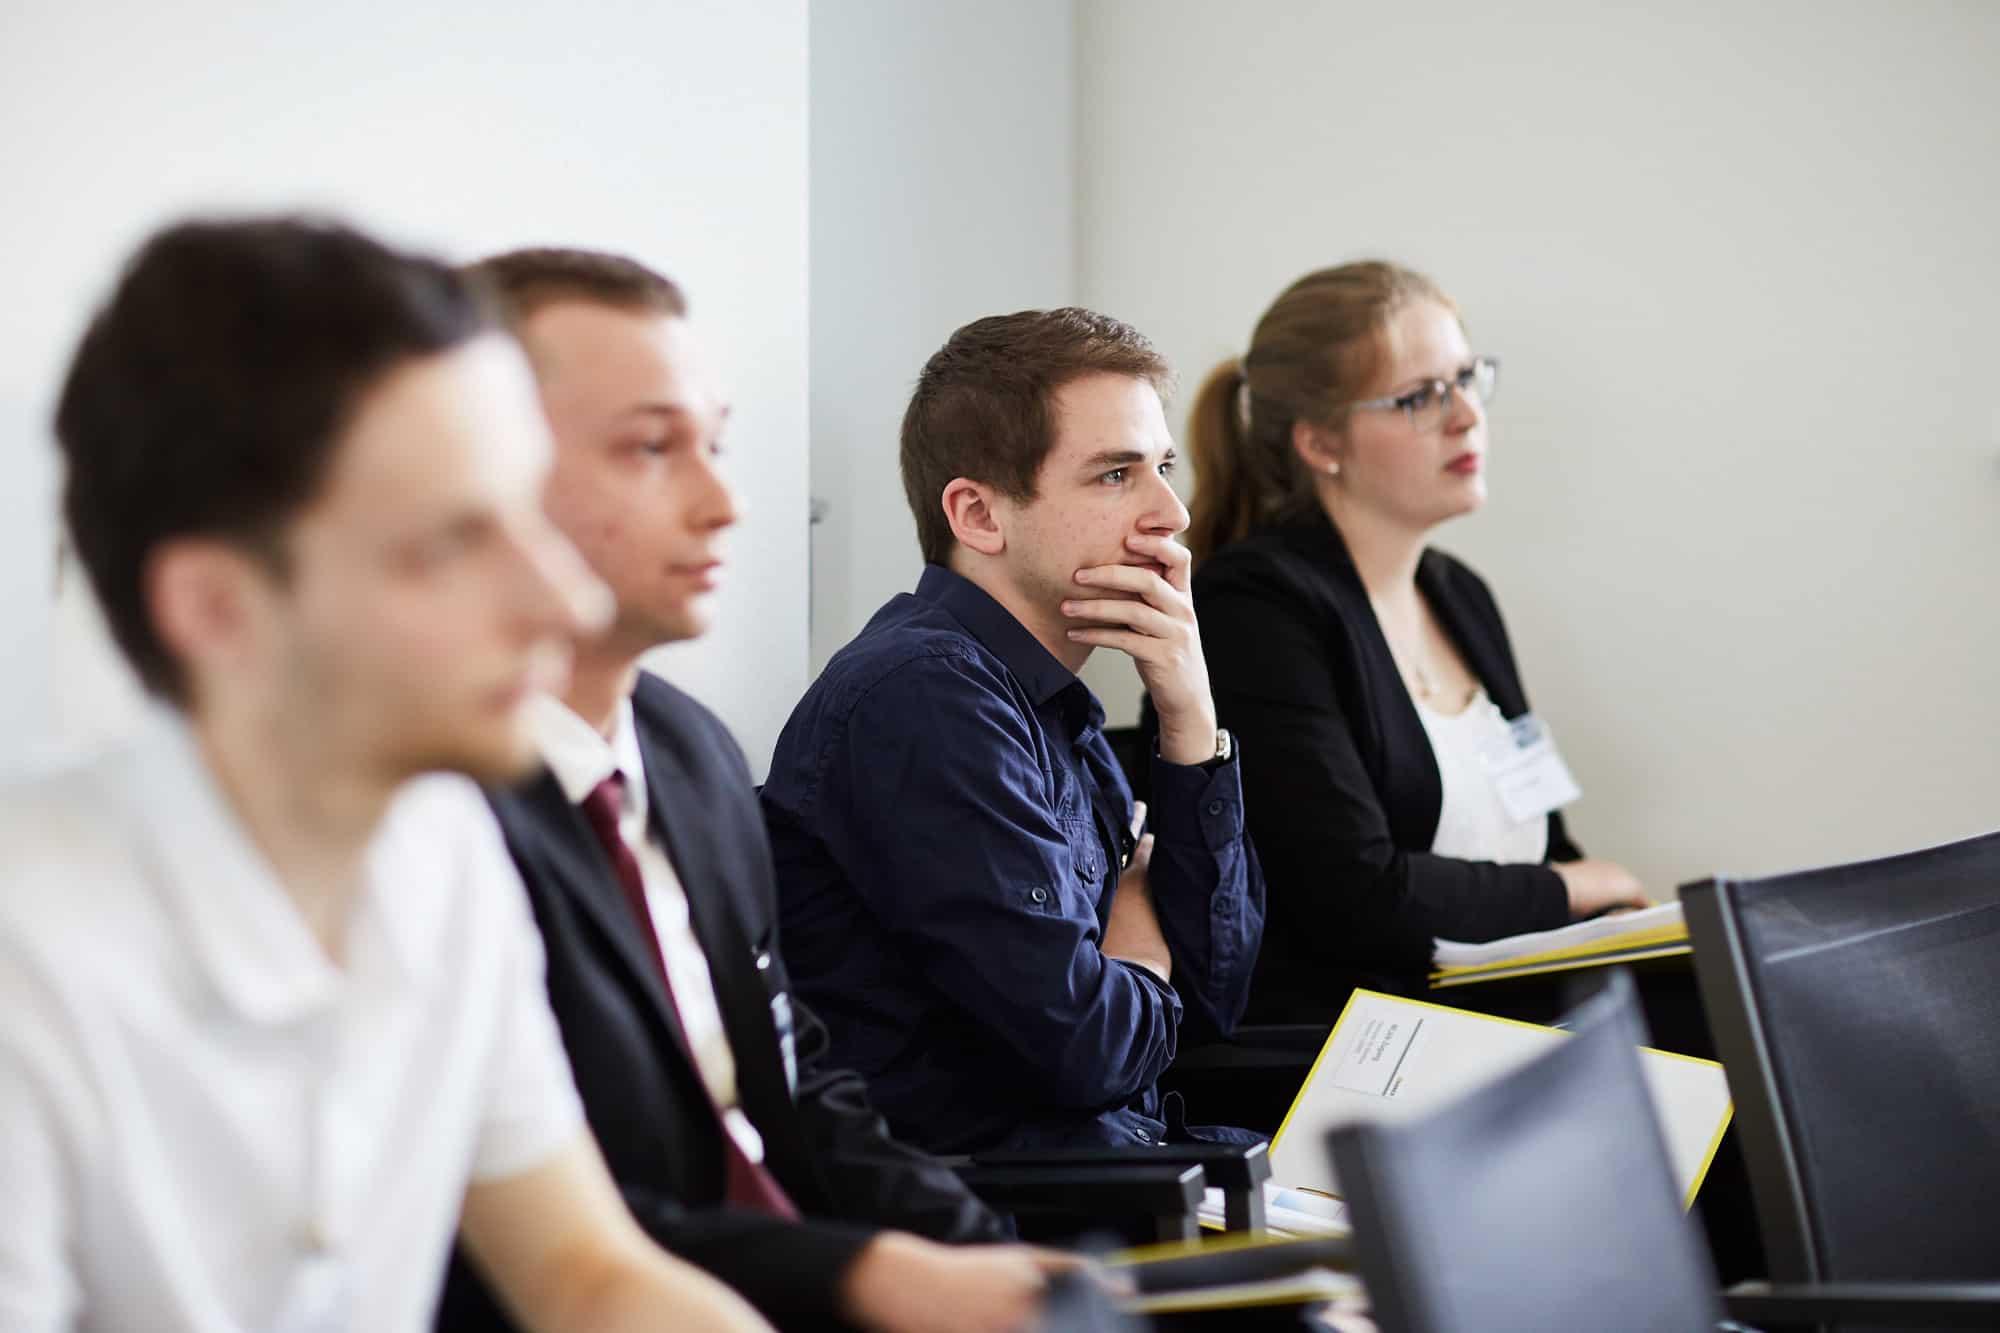 Impressionen von der Jurysitzung des 12. TANNER-Hochschulwettbewerbs